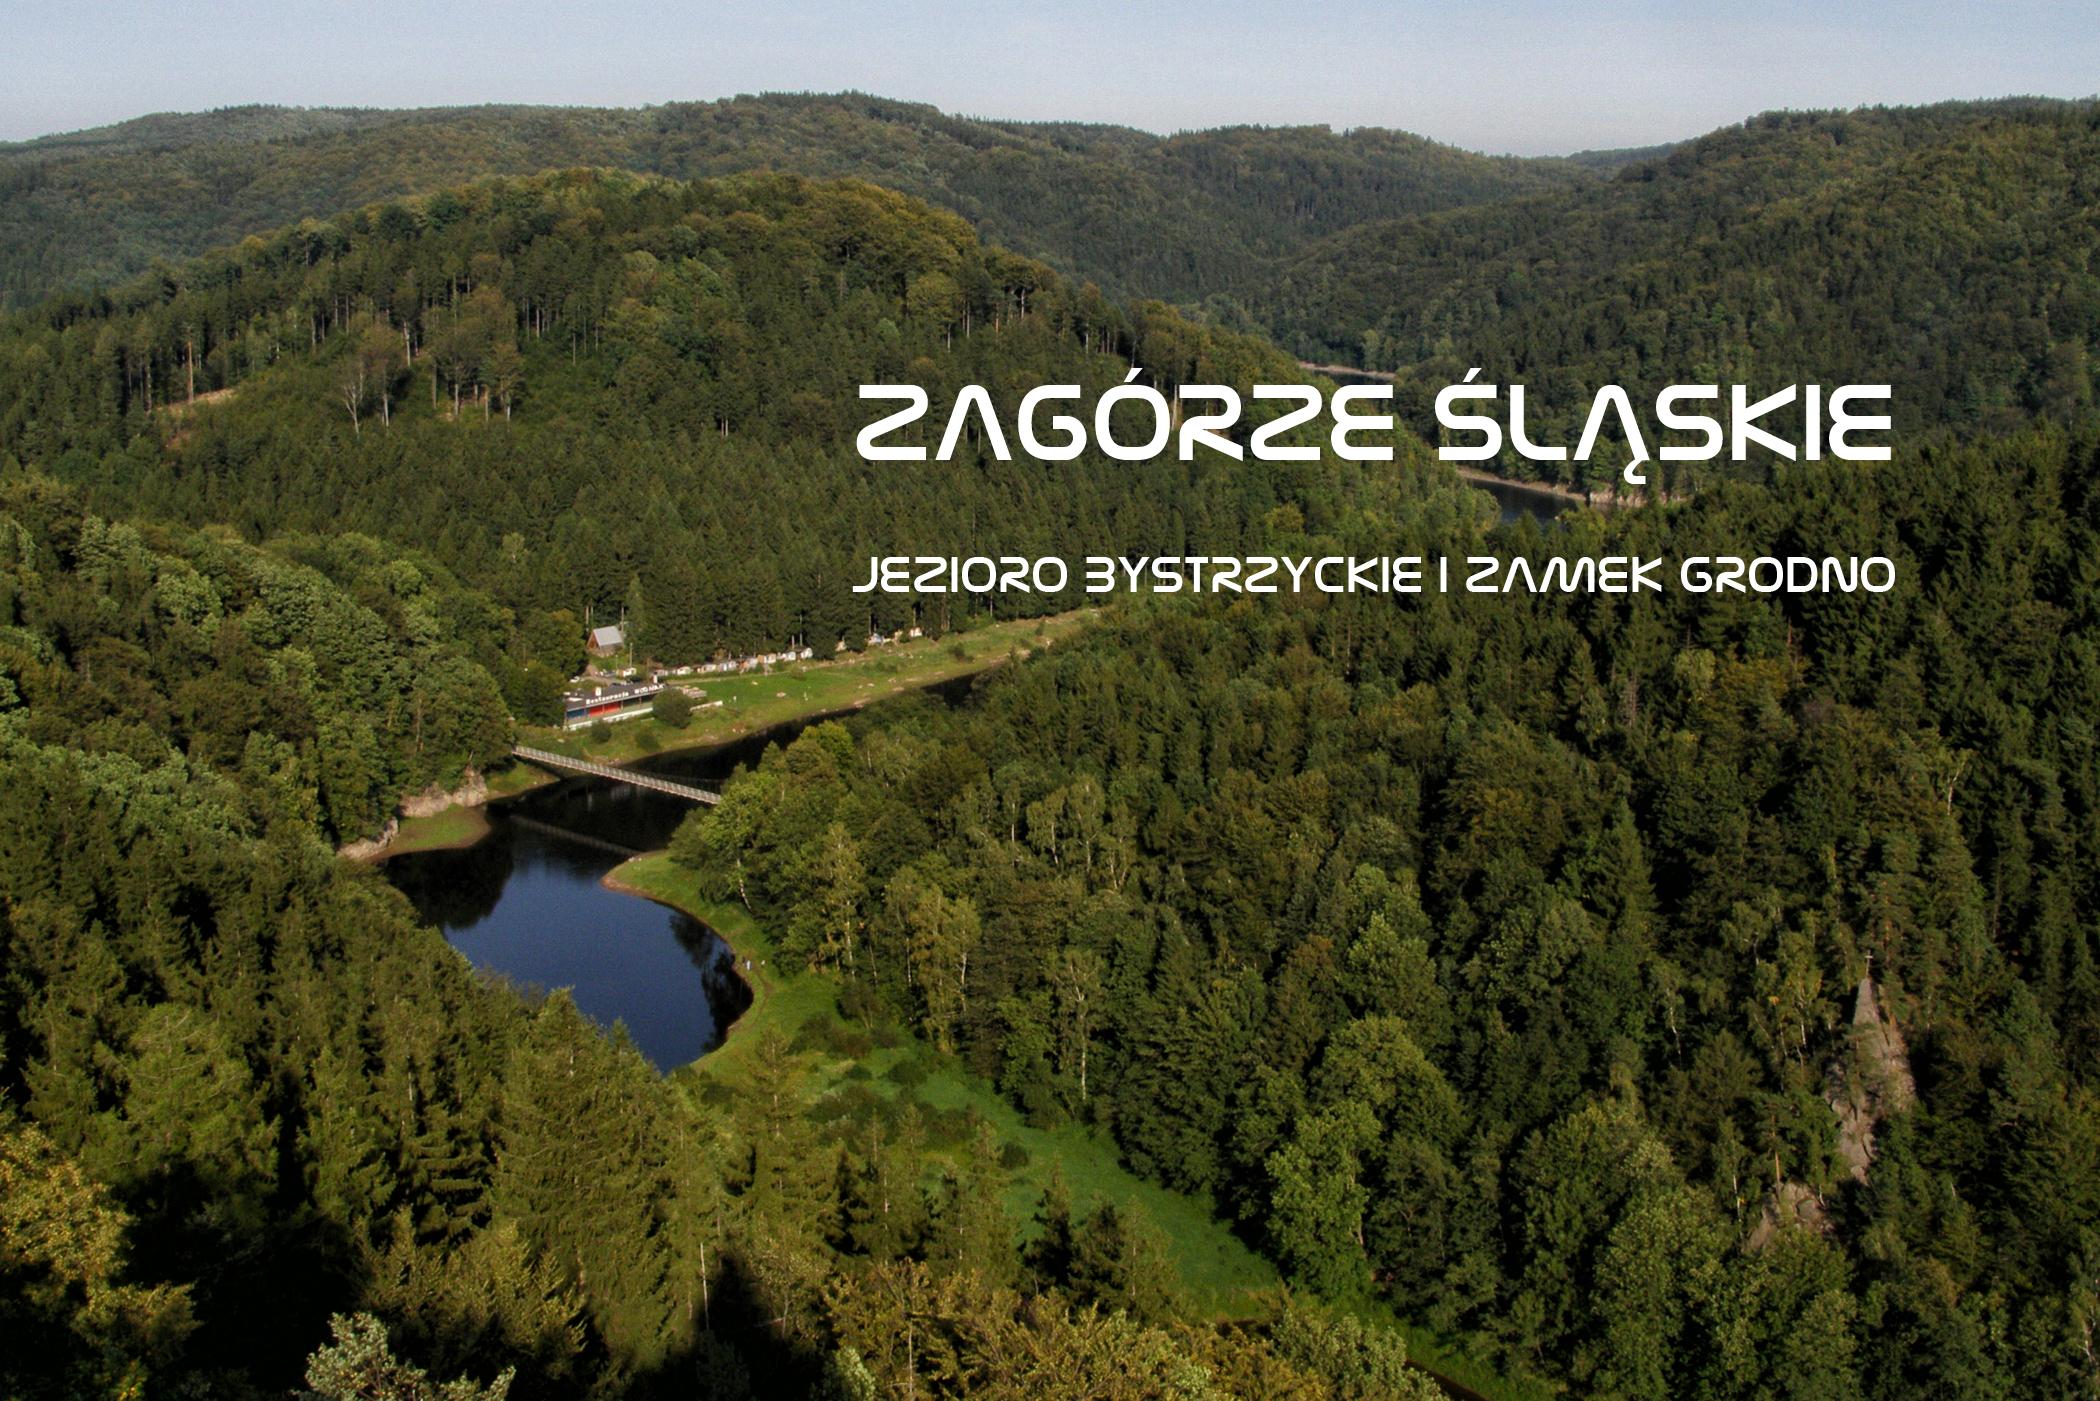 Jezioro Bystrzyckie i Zamek Grodno w Zagórzu Śląskim